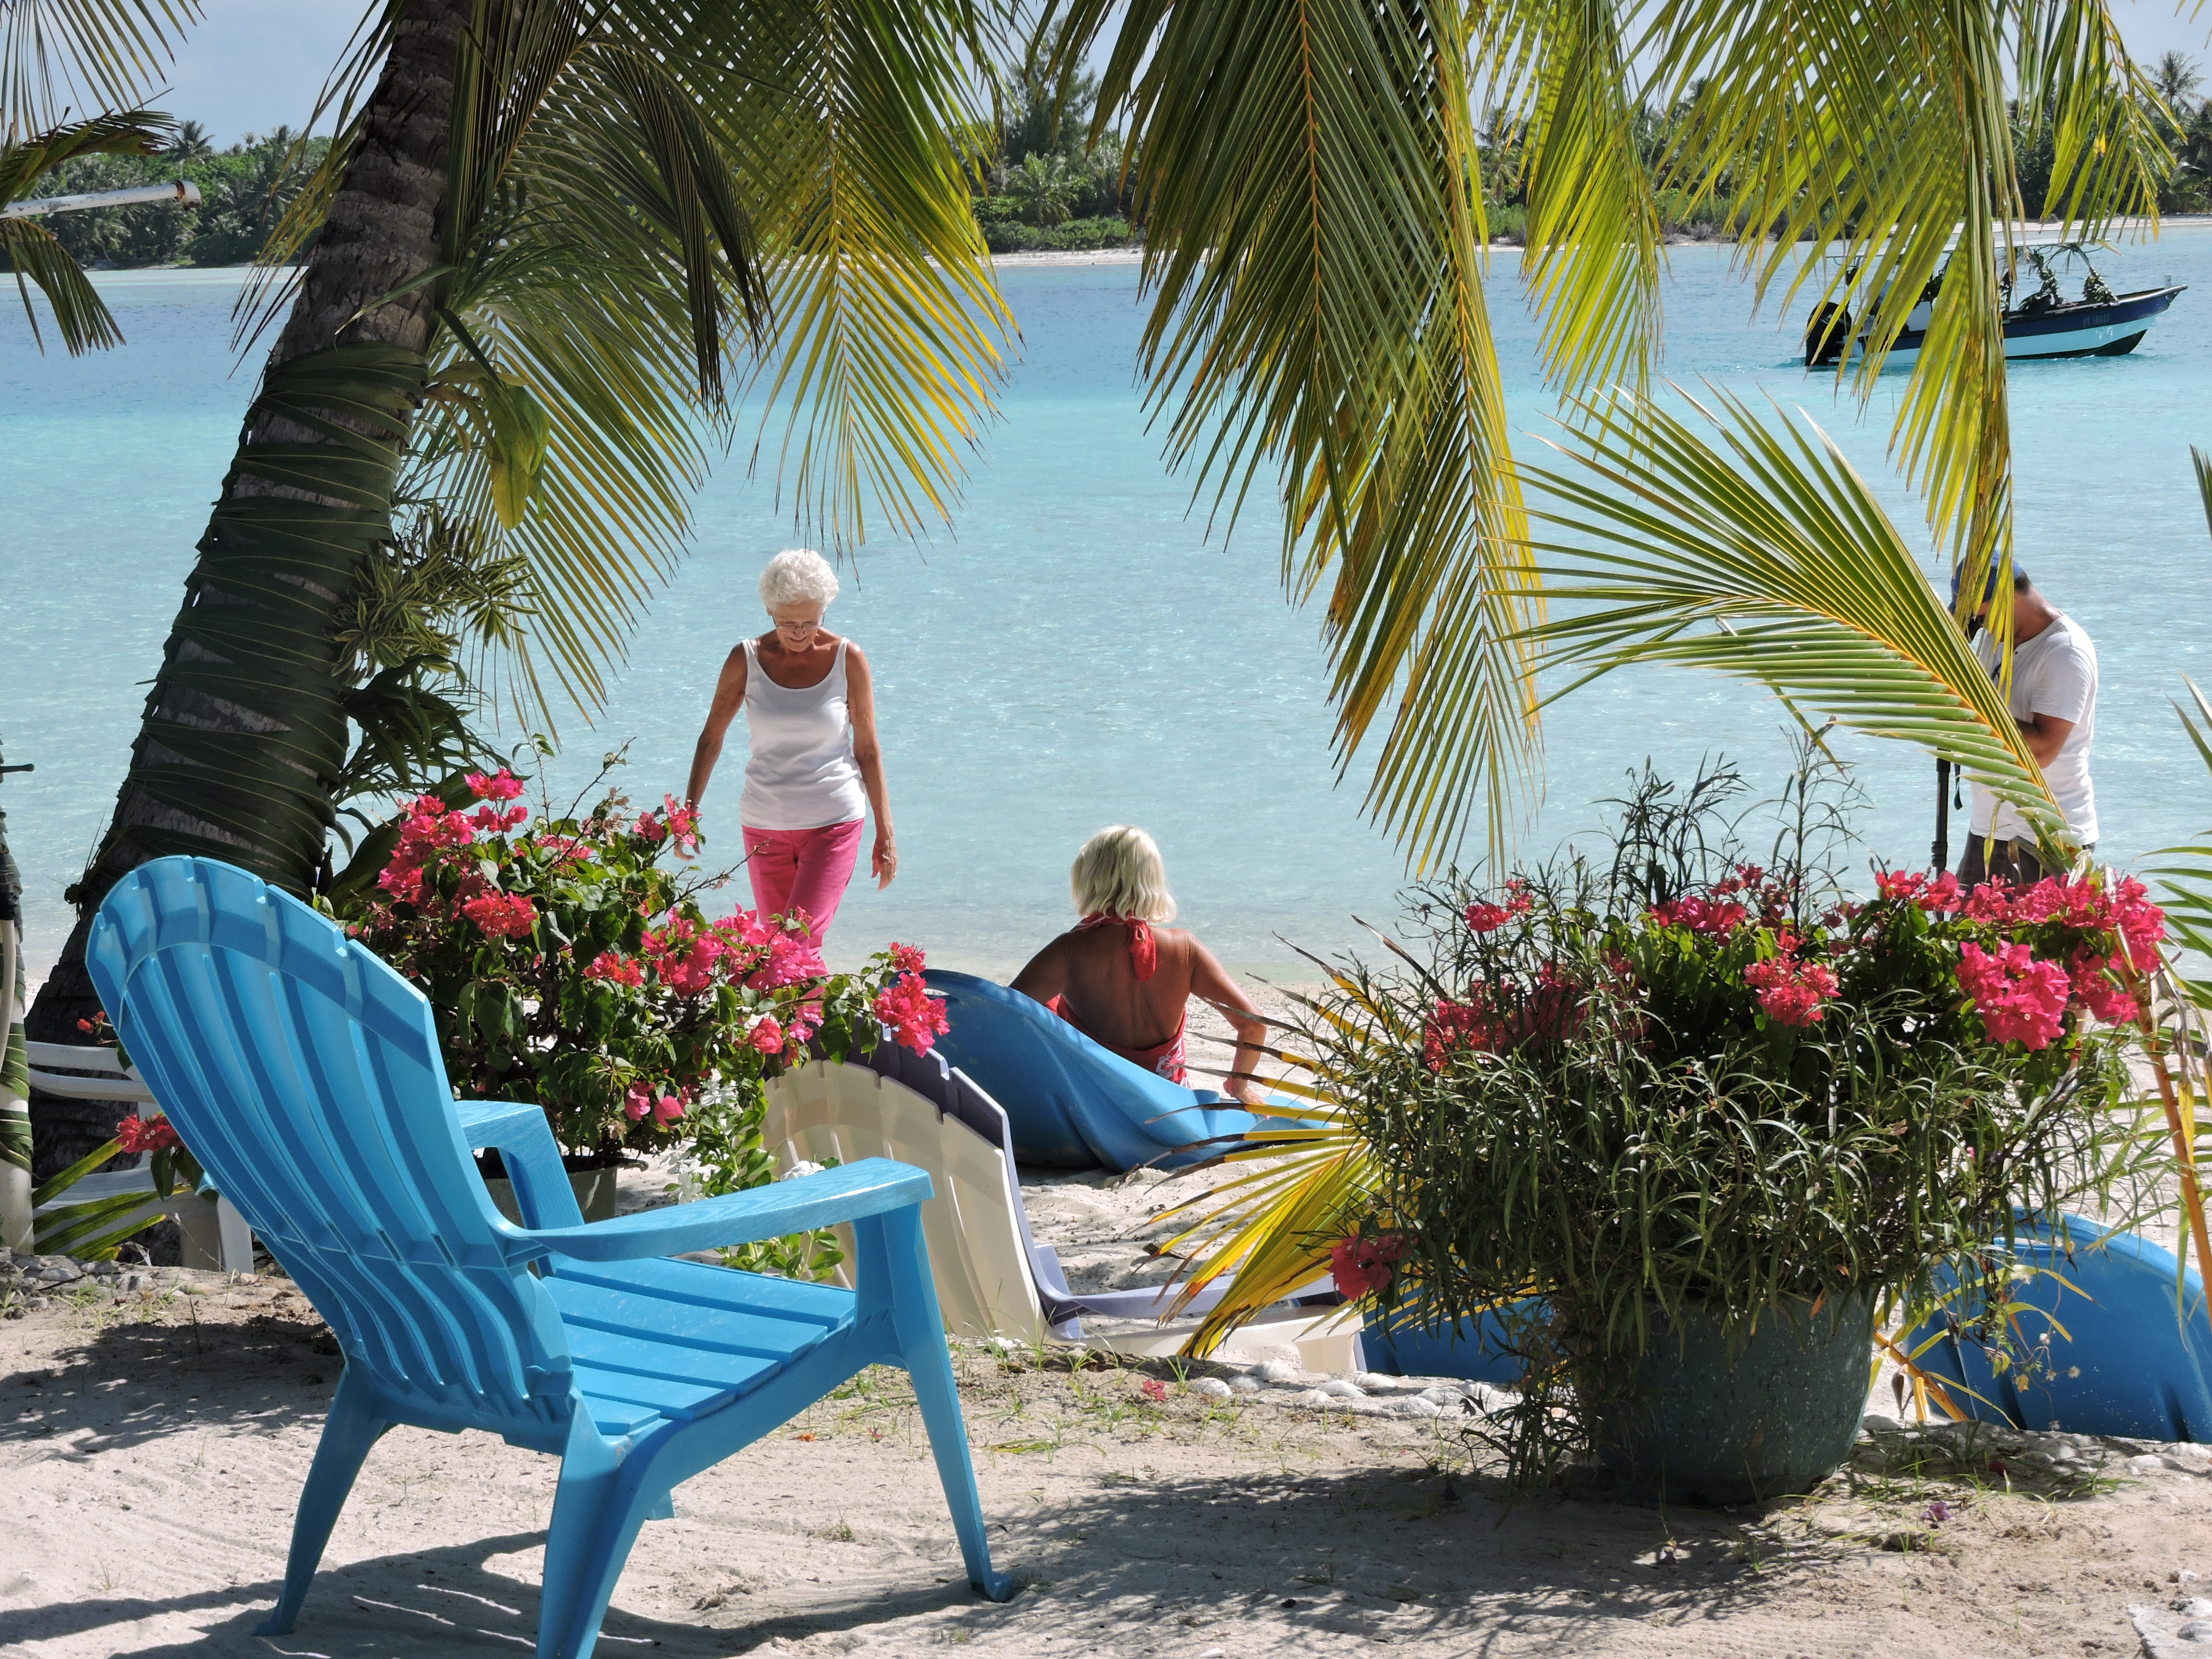 Selon l'institut, la Polynésie française a accueilli 91 490 touristes de janvier à juin 2016, ce qui représente une hausse de 7,9 % par rapport à l'année précédente.